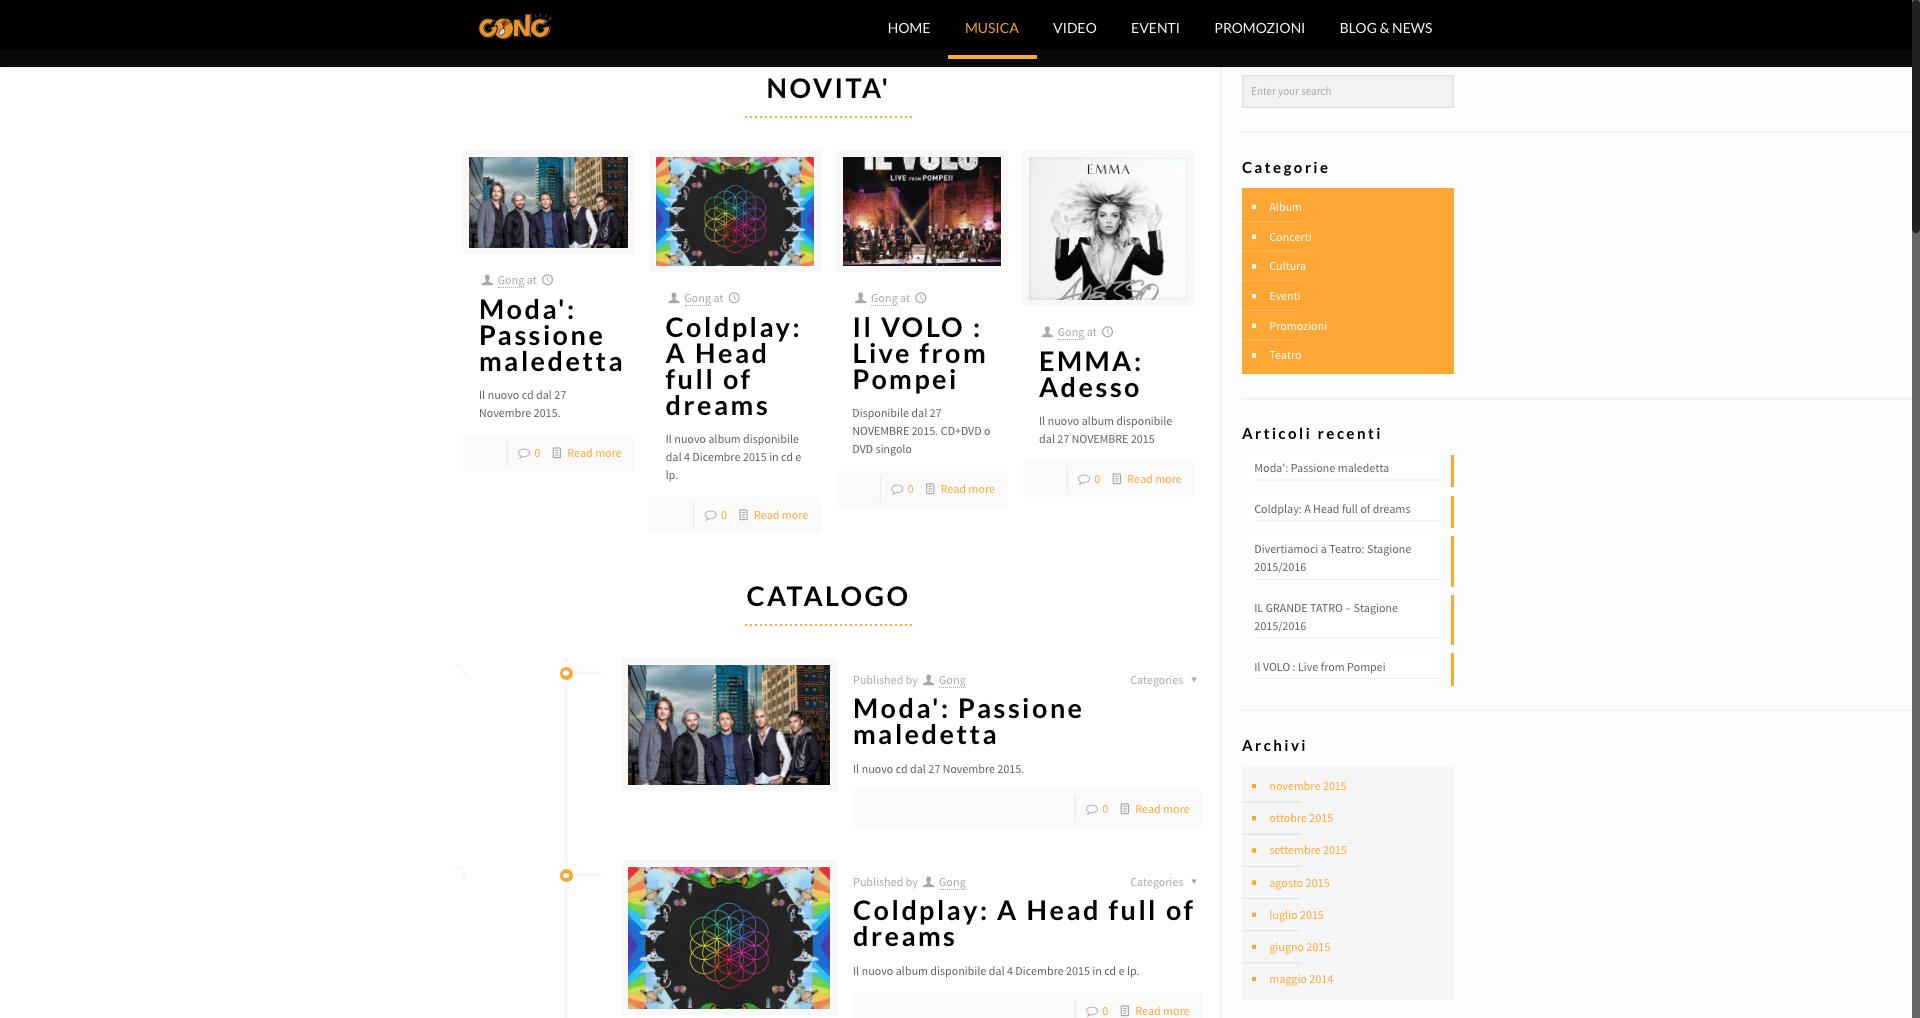 Sito web Gong - Ultime novità e Catalogo musicale